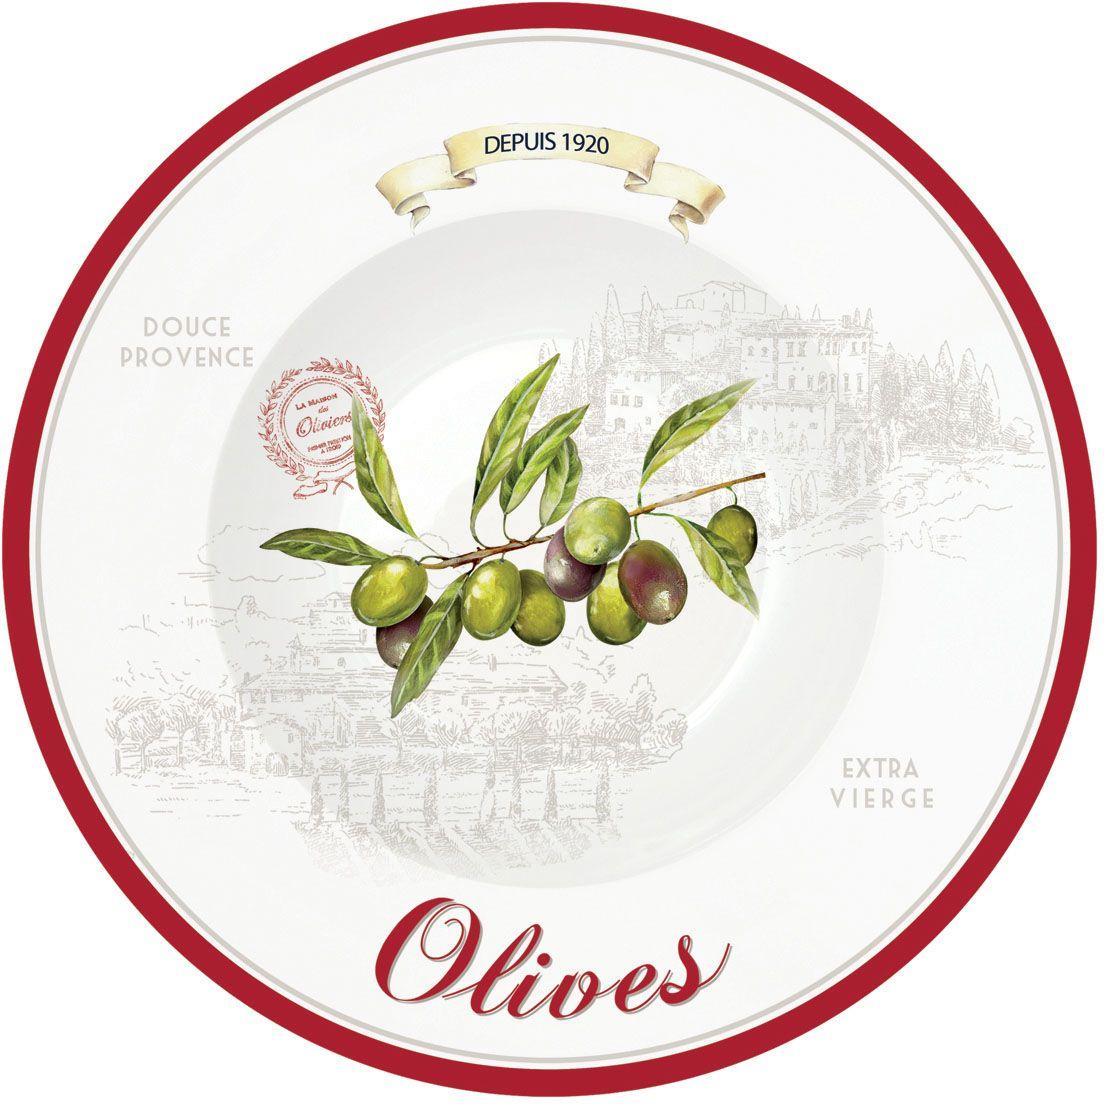 Блюдо для пасты Nuova R2S Оливки, диаметр: 30 см818OLIVБлюдо для пасты Оливки Д 30 см идеально подойдет для изысканной подачи блюда для всей семьи. Прекрасное дополнение к бутылке для масла и тарелкам. Товар изготовлен из высококачественного материала.